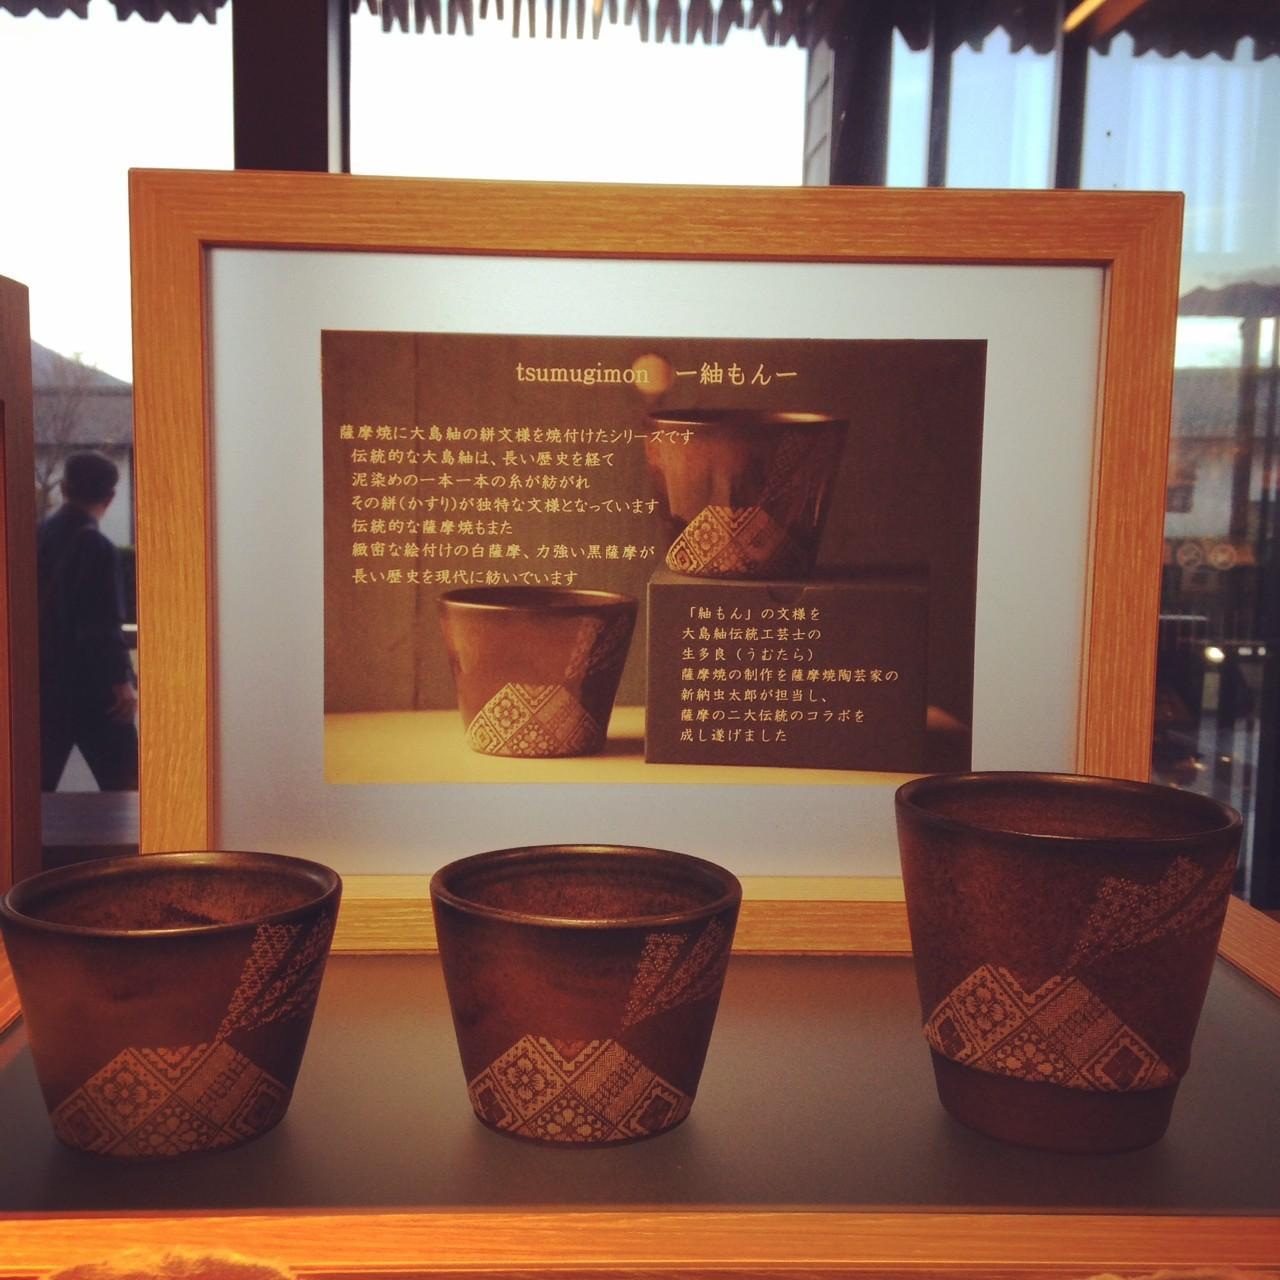 紬もんの桜島 黒薩摩に紬もんの桜島がよく映えます。